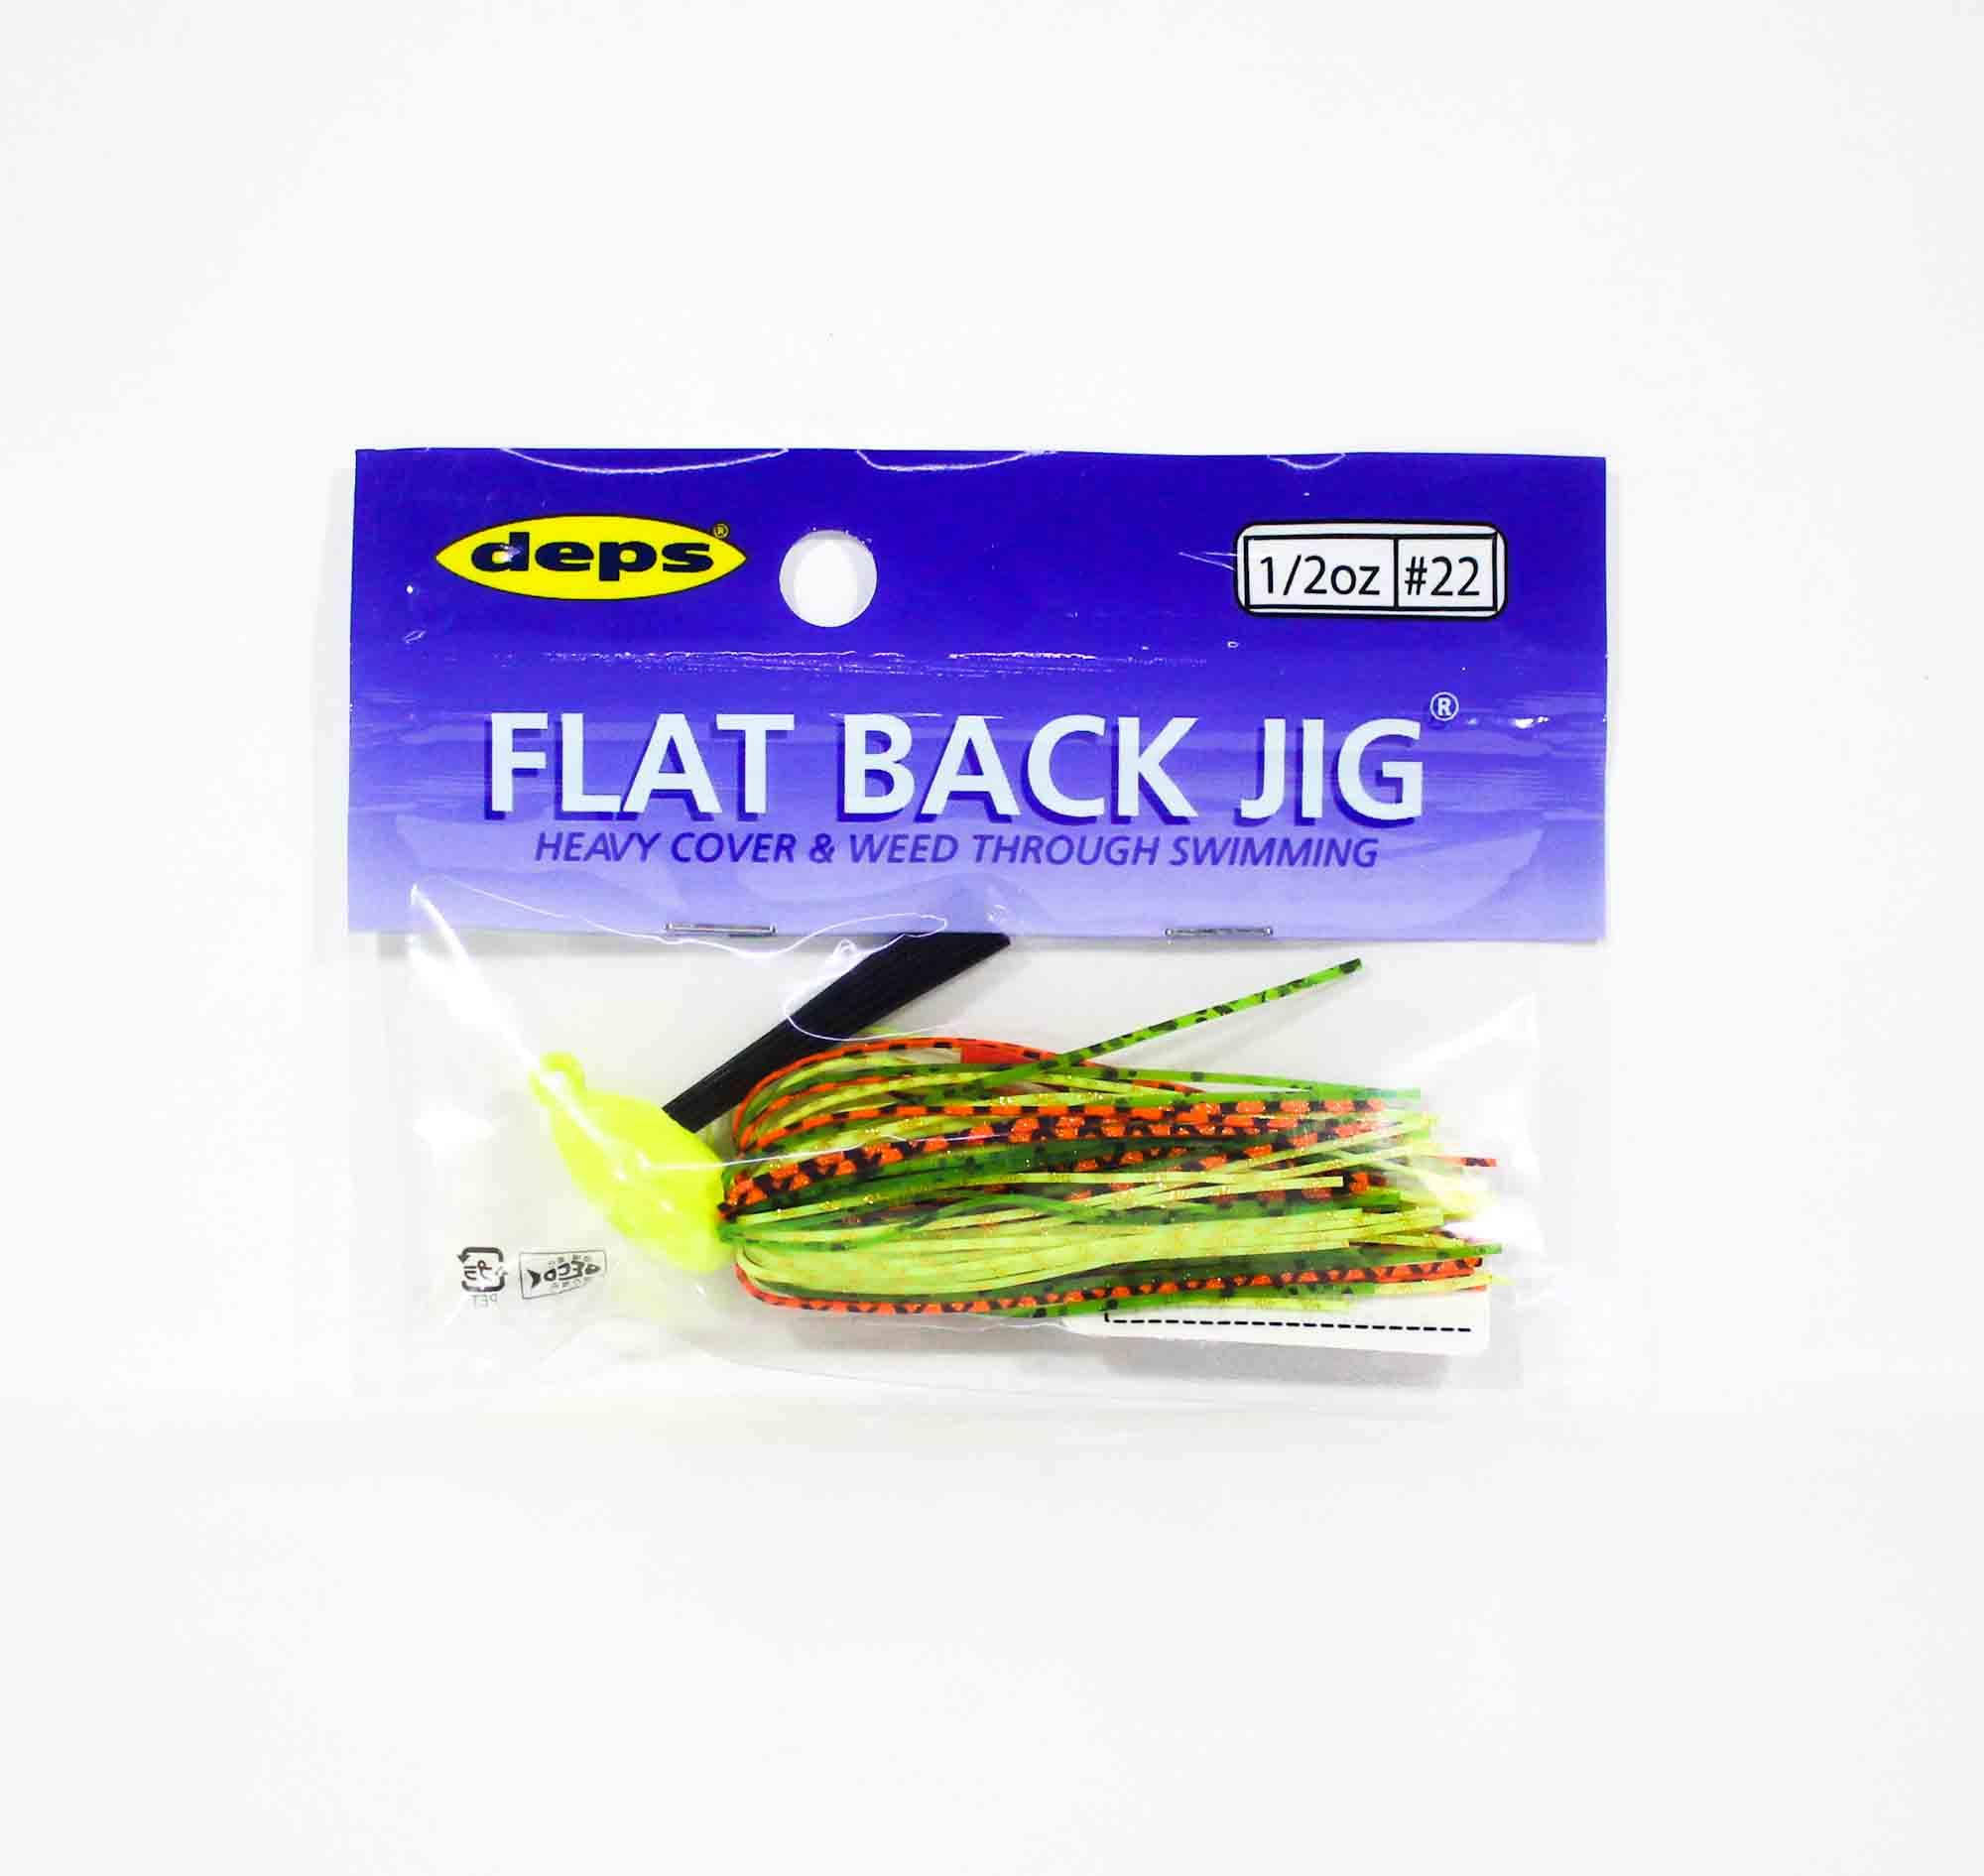 Deps Flat Back Jig Rubber 1/2 oz 22 (0223)